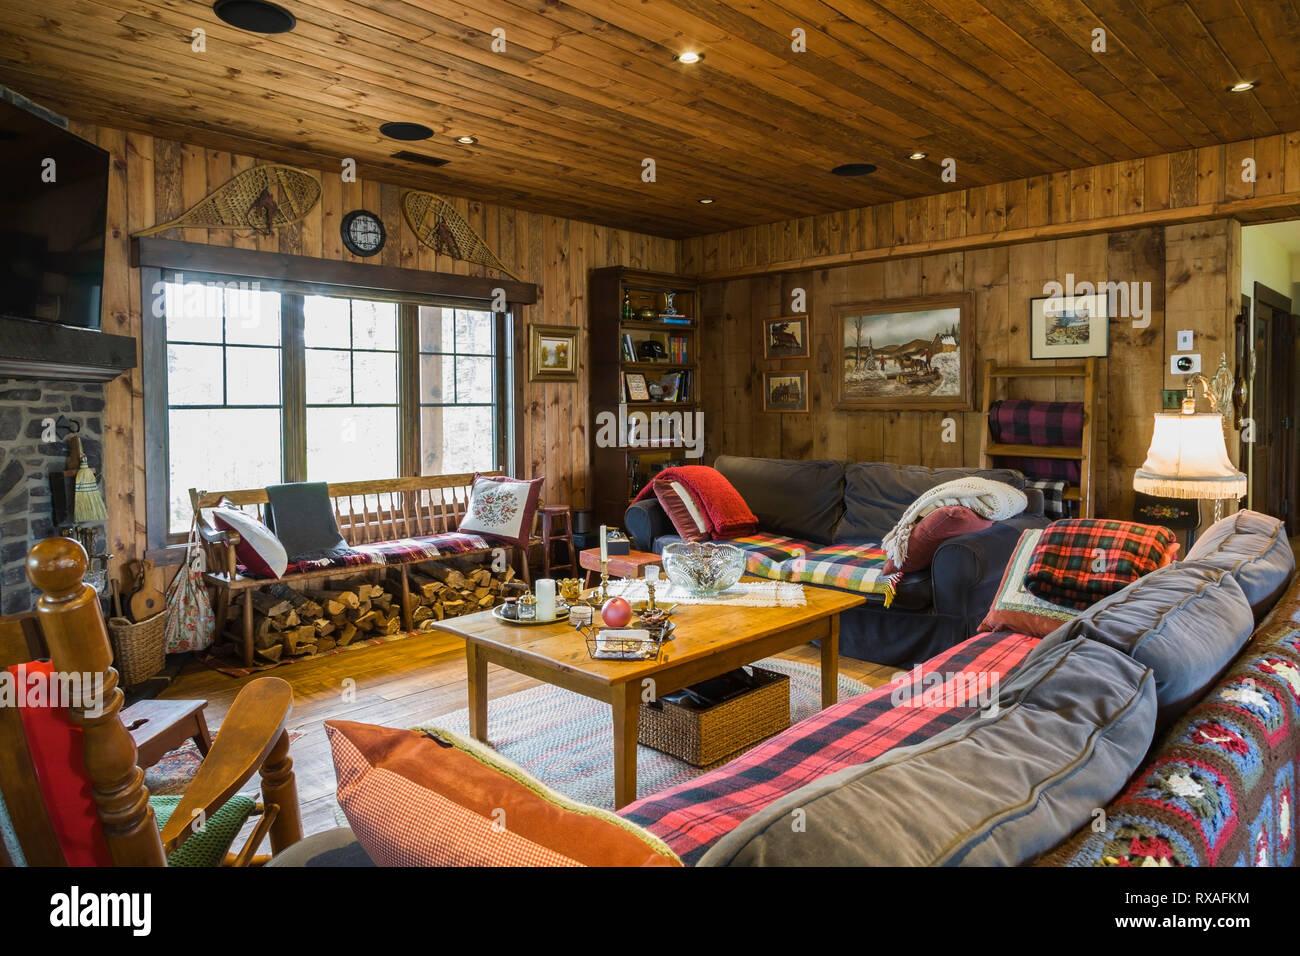 Wohnzimmer Mit Beplankten Holz Decken Und Wände, Grau Und